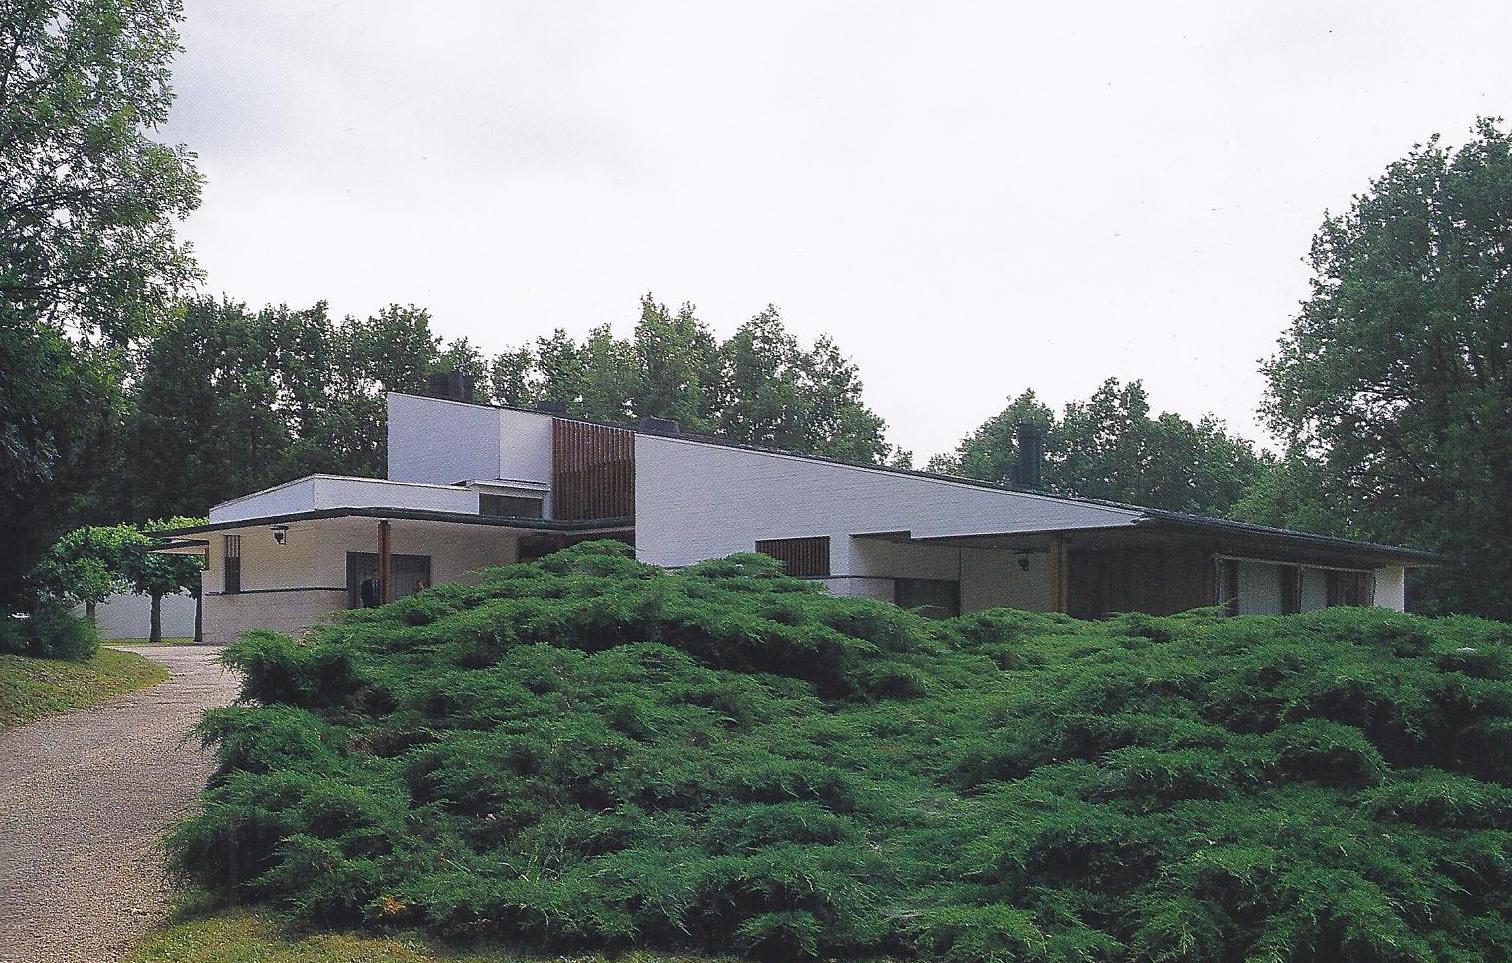 El arquitecto descalzo junio 2012 - Maison s par domenack arquitectos ...